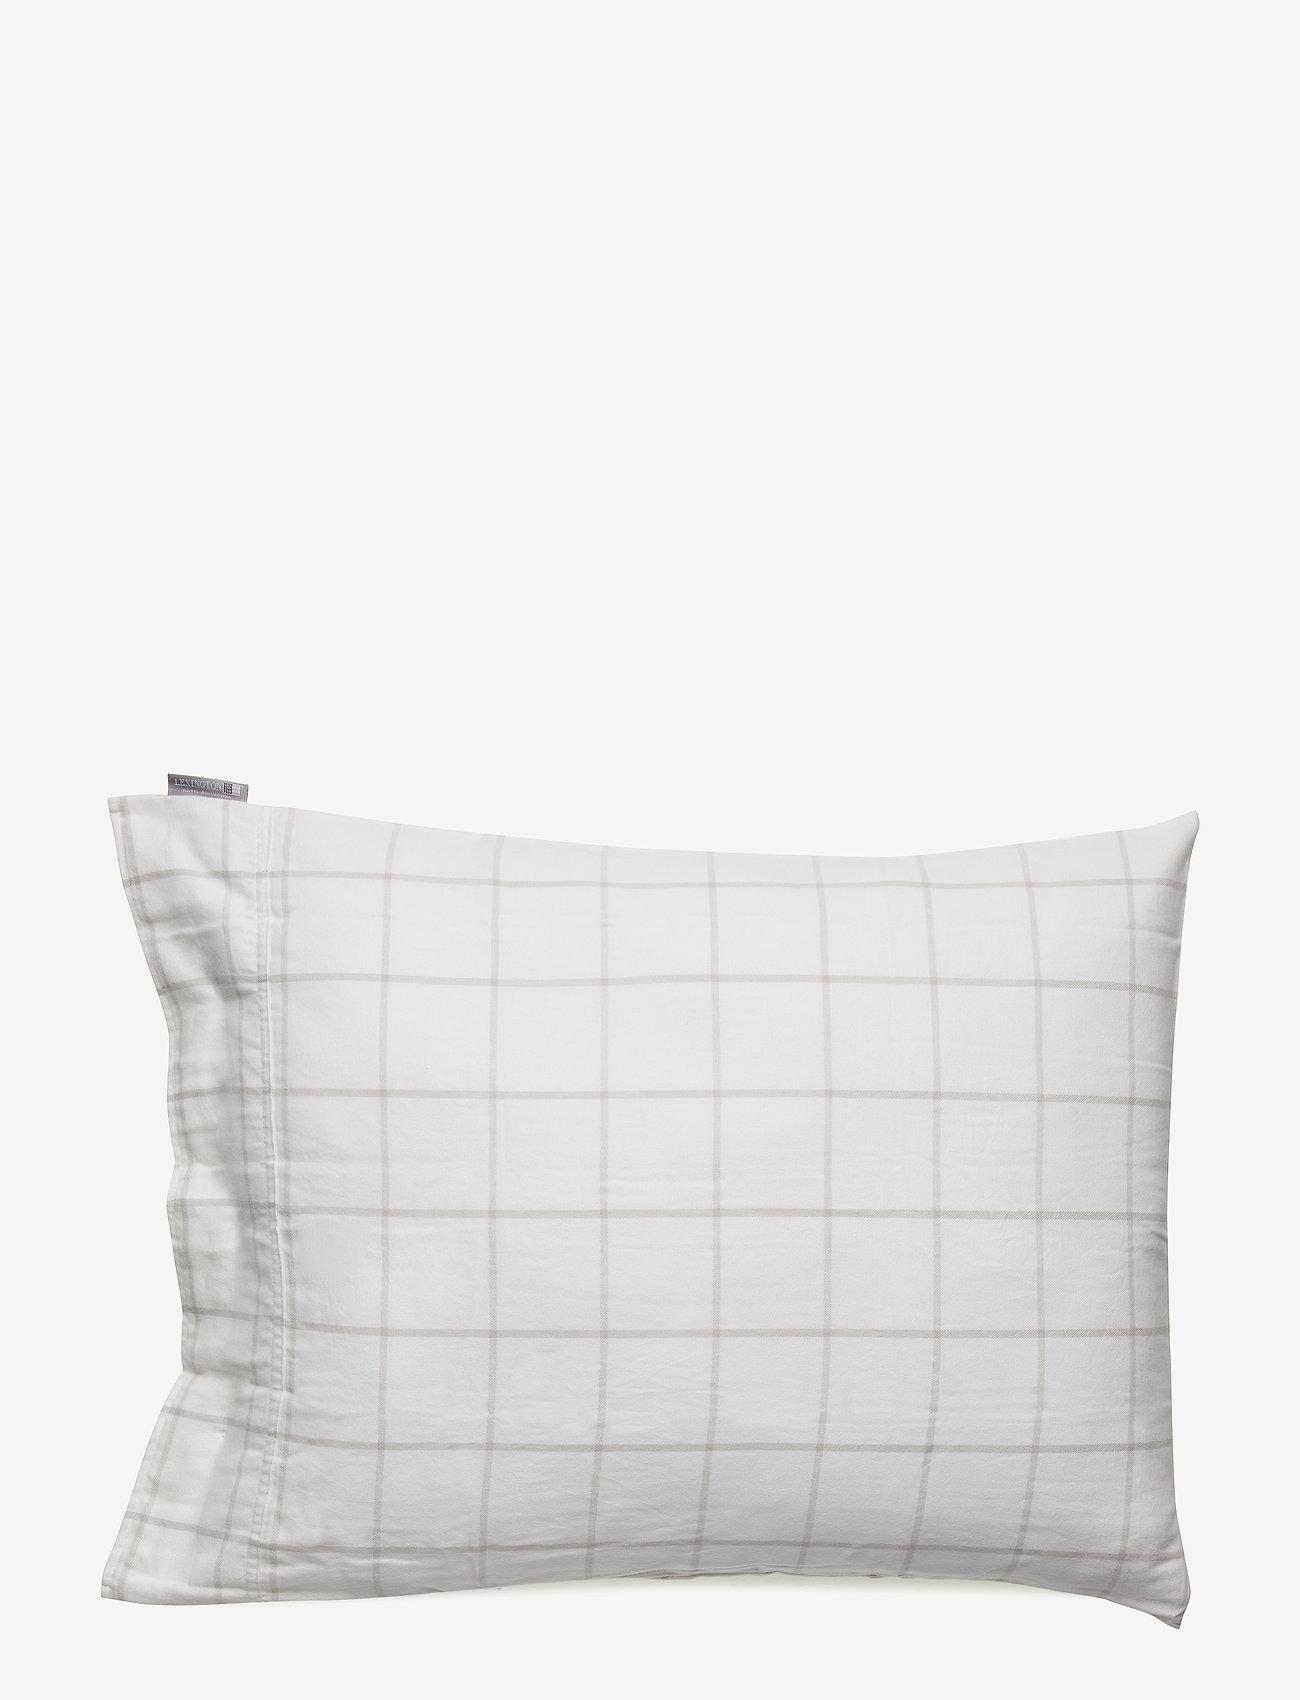 Lexington Home - Hotel Light Flannel White/Lt Beige Pillowcase - white/lt beige - 1